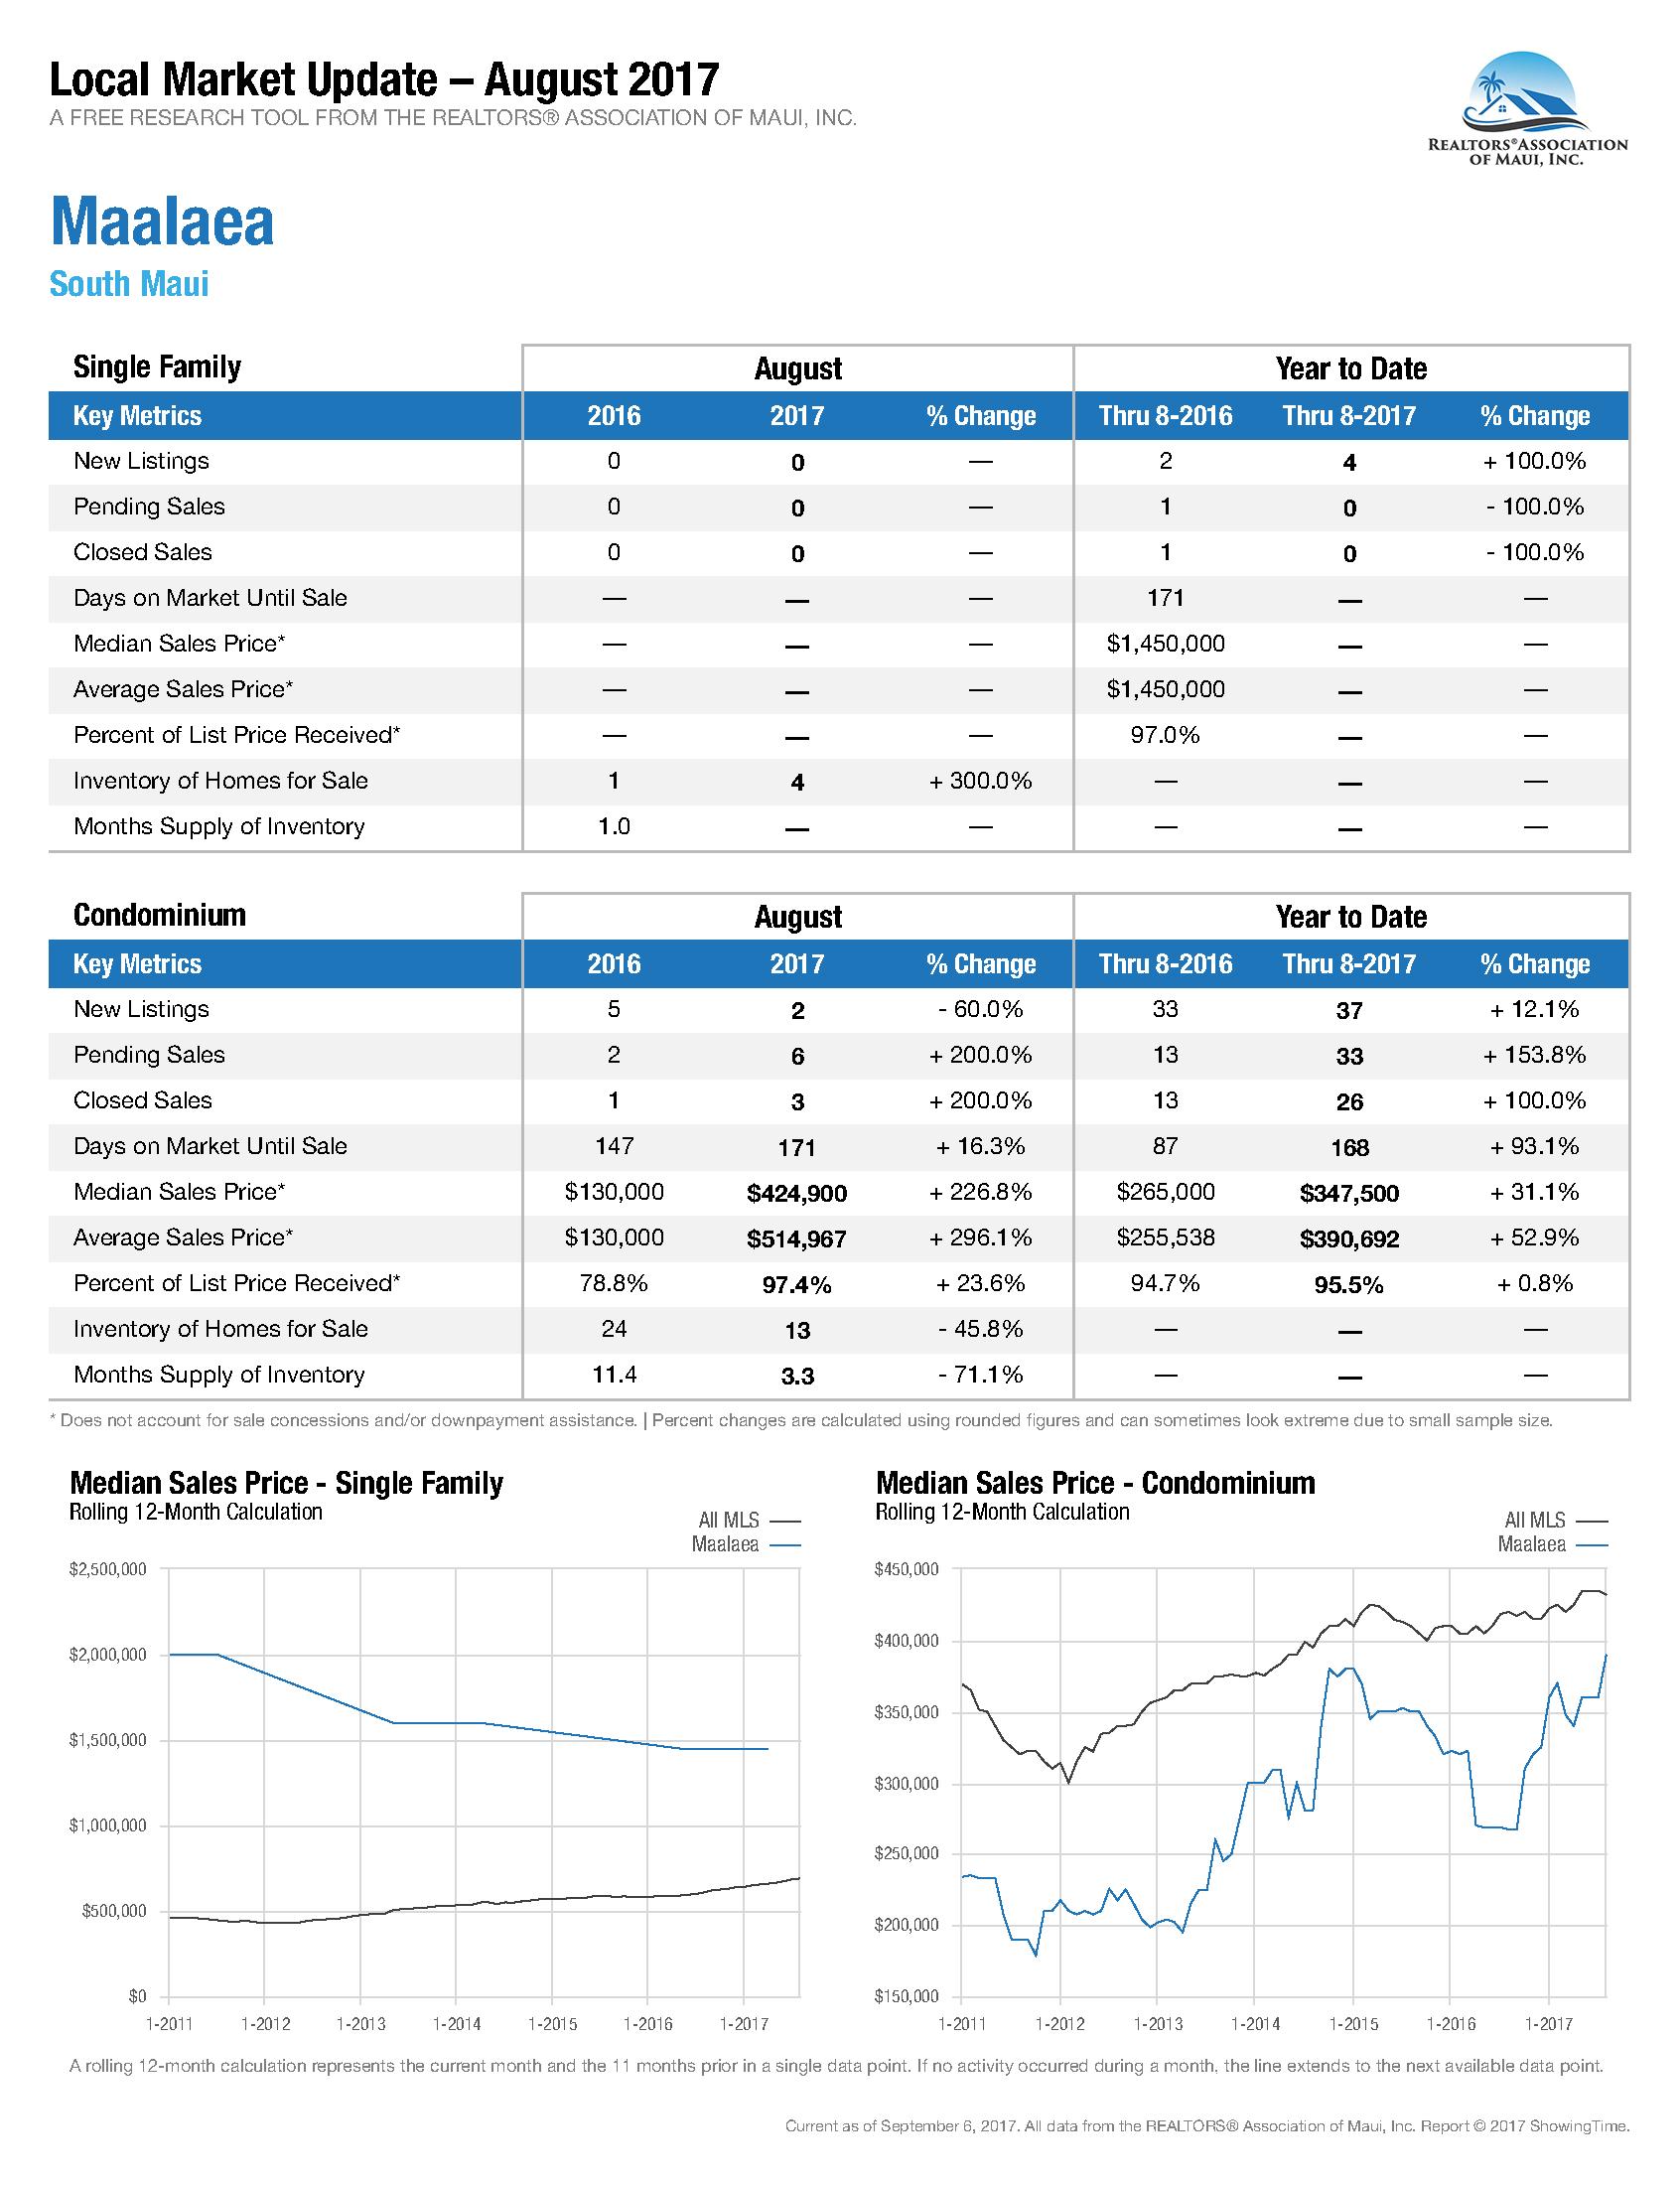 Ma'alaea Market Update Aug 2017